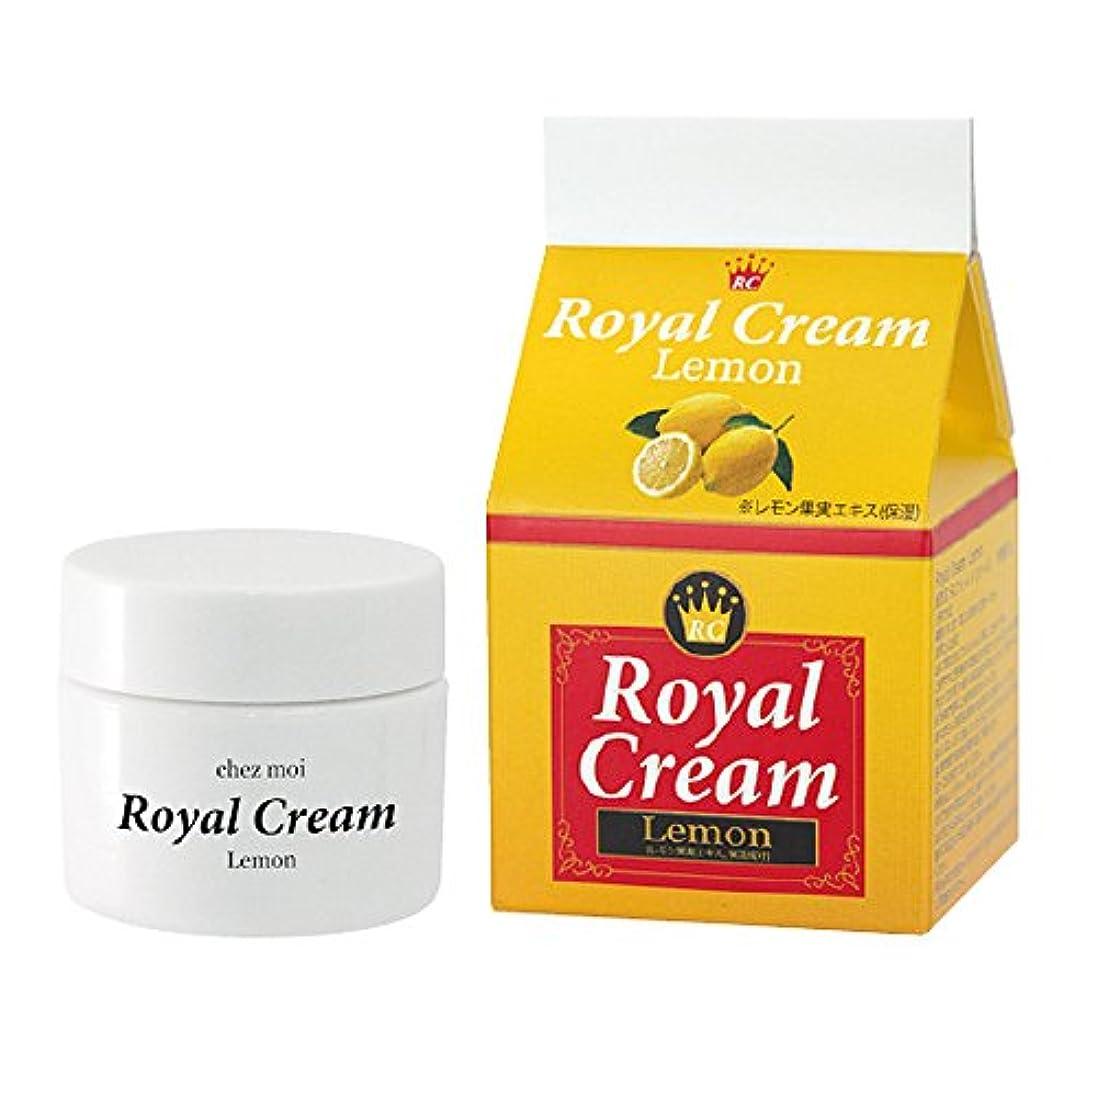 移行する正当化する直面するシェモア Royal Cream Lemon(ロイヤルクリームレモン) 30g